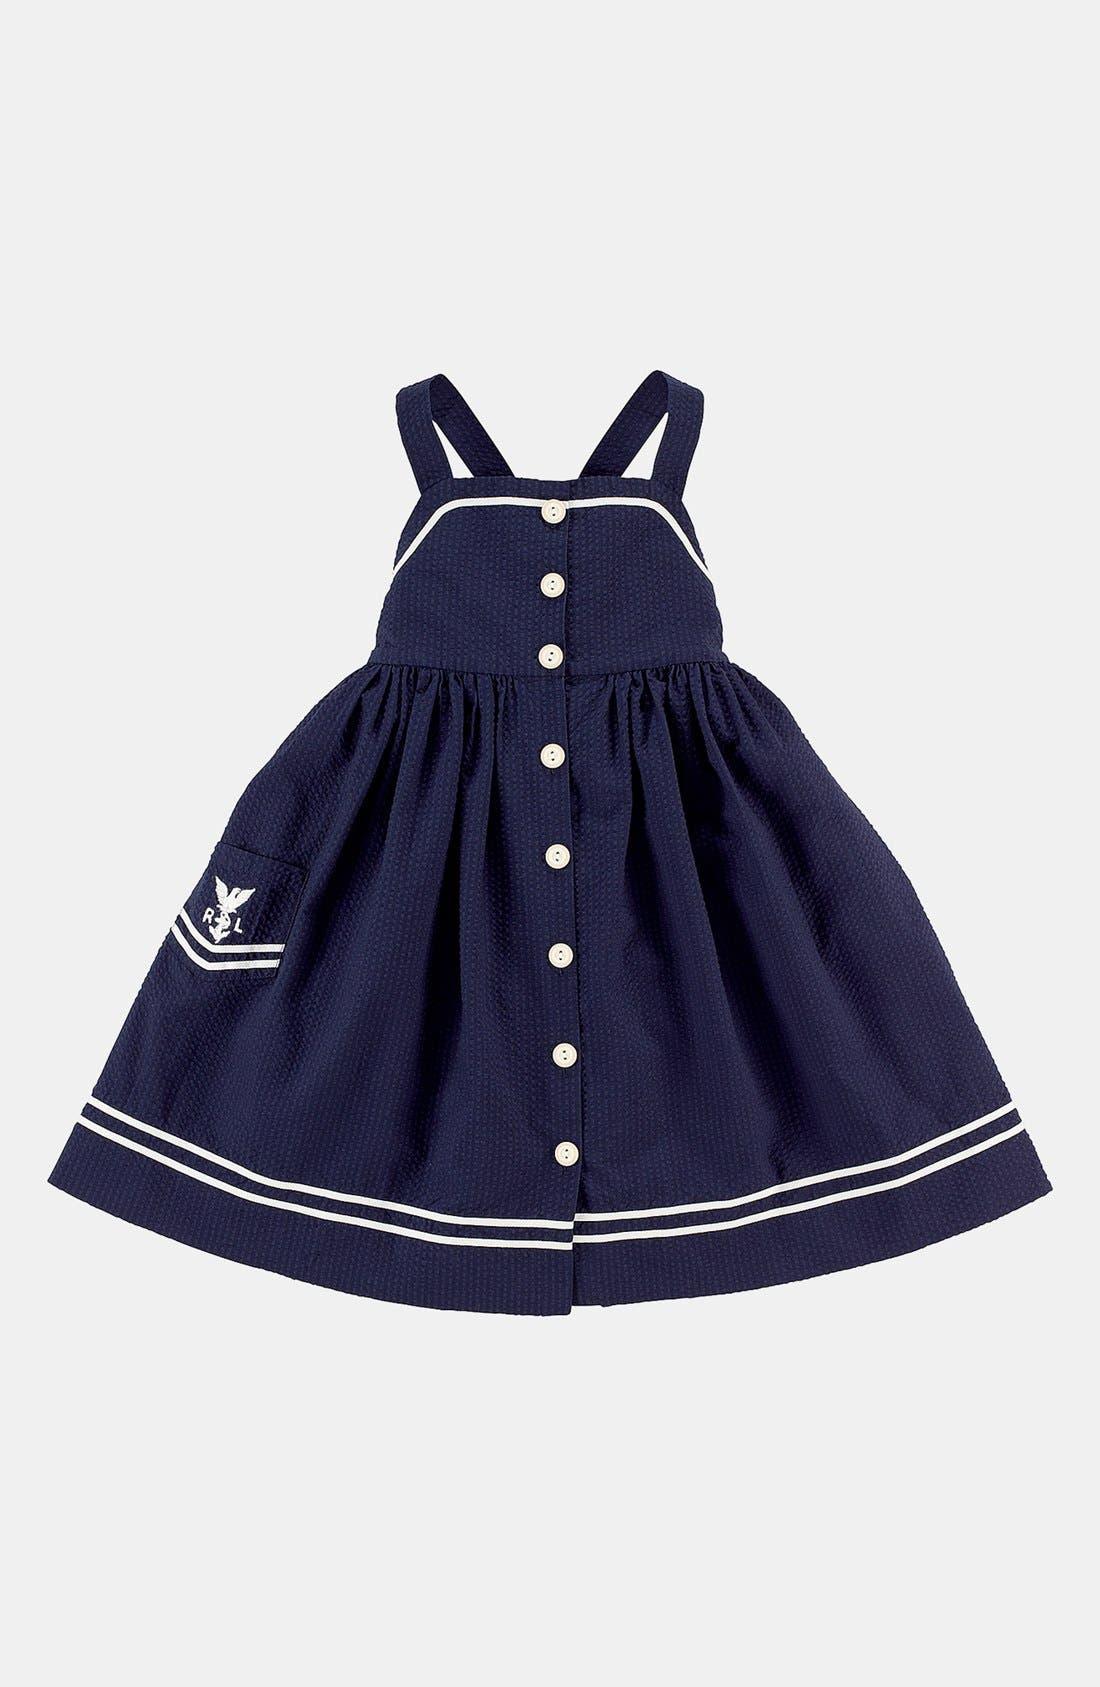 Alternate Image 1 Selected - Ralph Lauren Seersucker Dress (Toddler Girls)